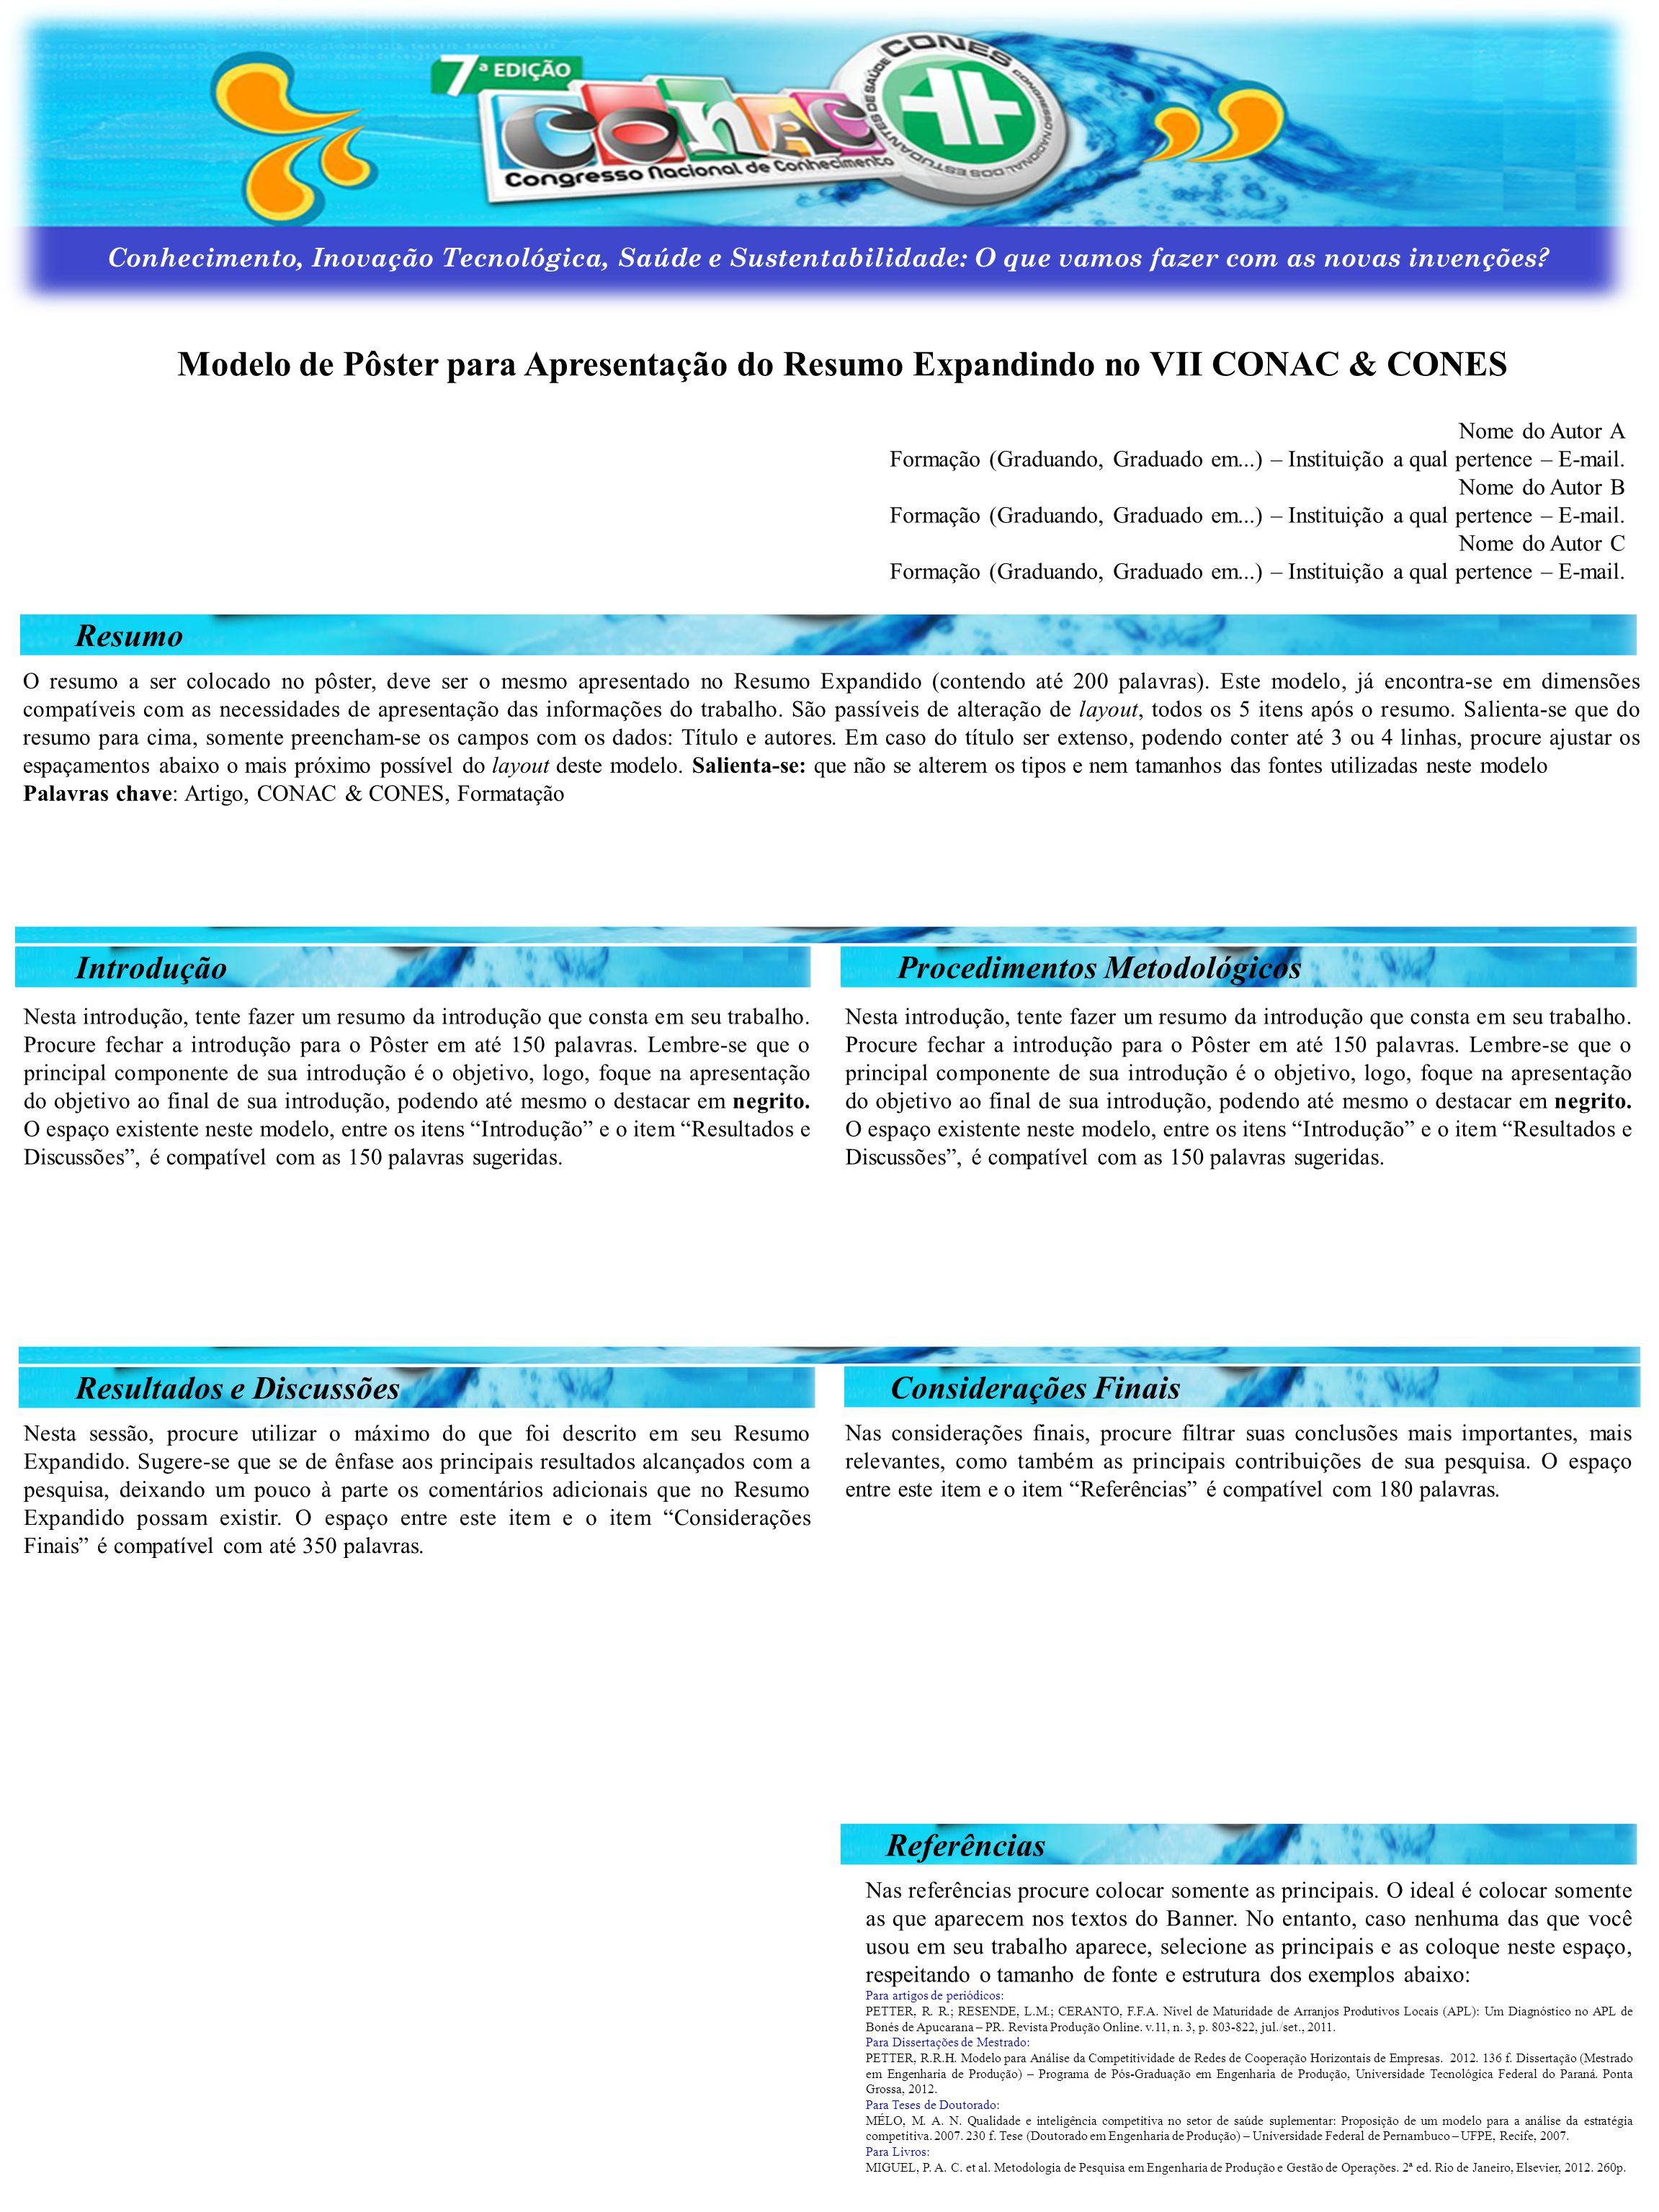 Modelo de Pôster para Apresentação do Resumo Expandindo no VII CONAC & CONES Nome do Autor A Formação (Graduando, Graduado em...) – Instituição a qual